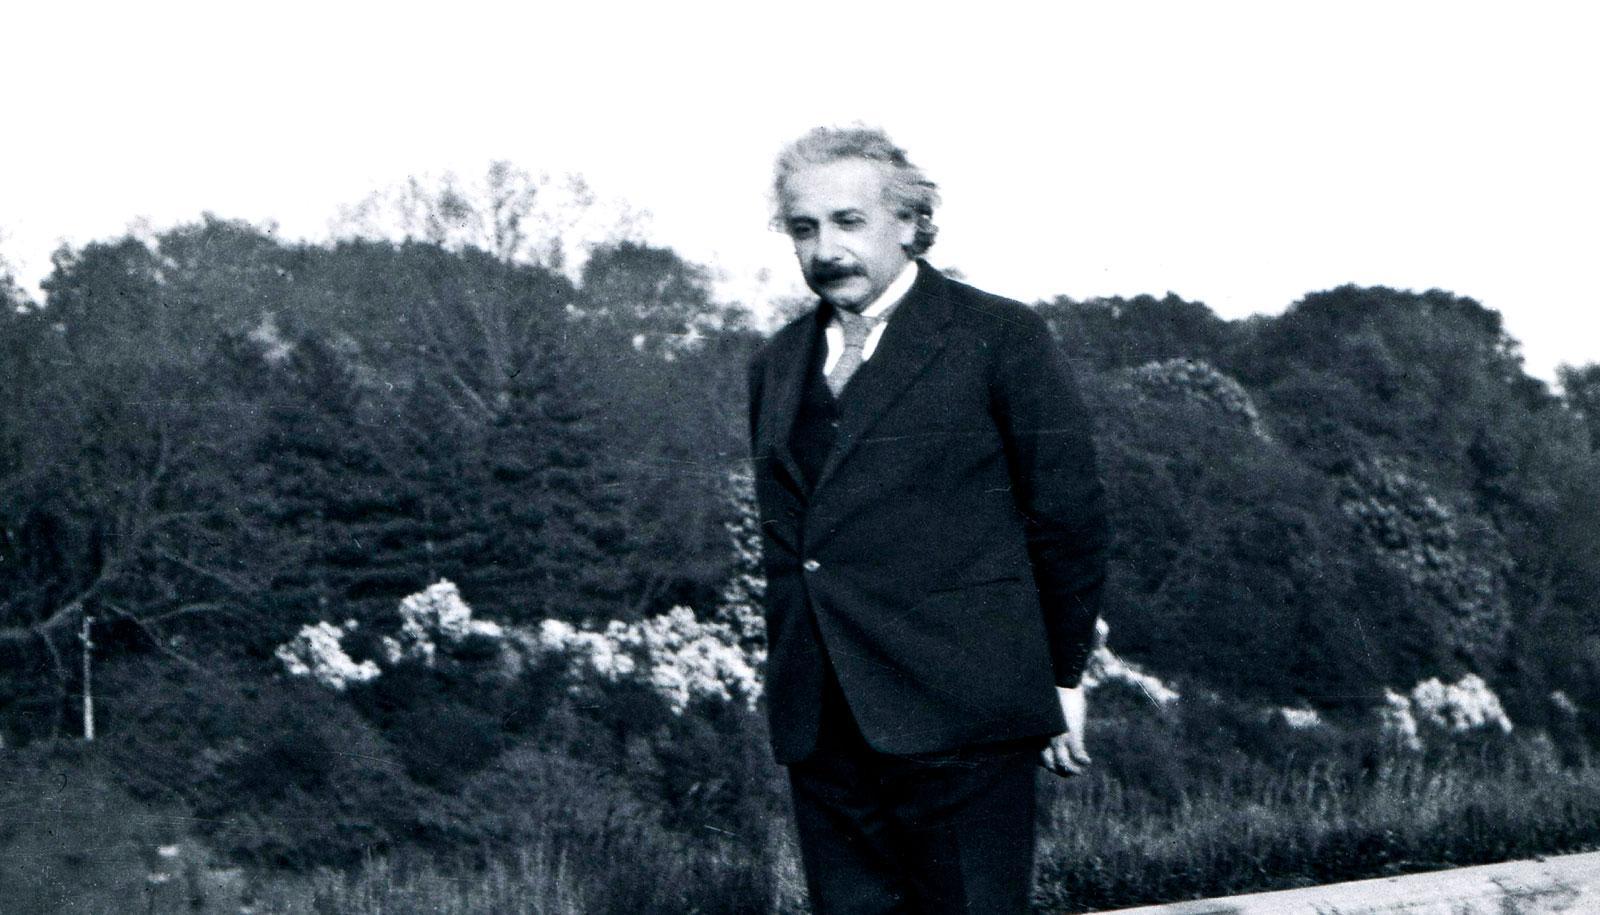 Albert Einstein walks near a line of bushes